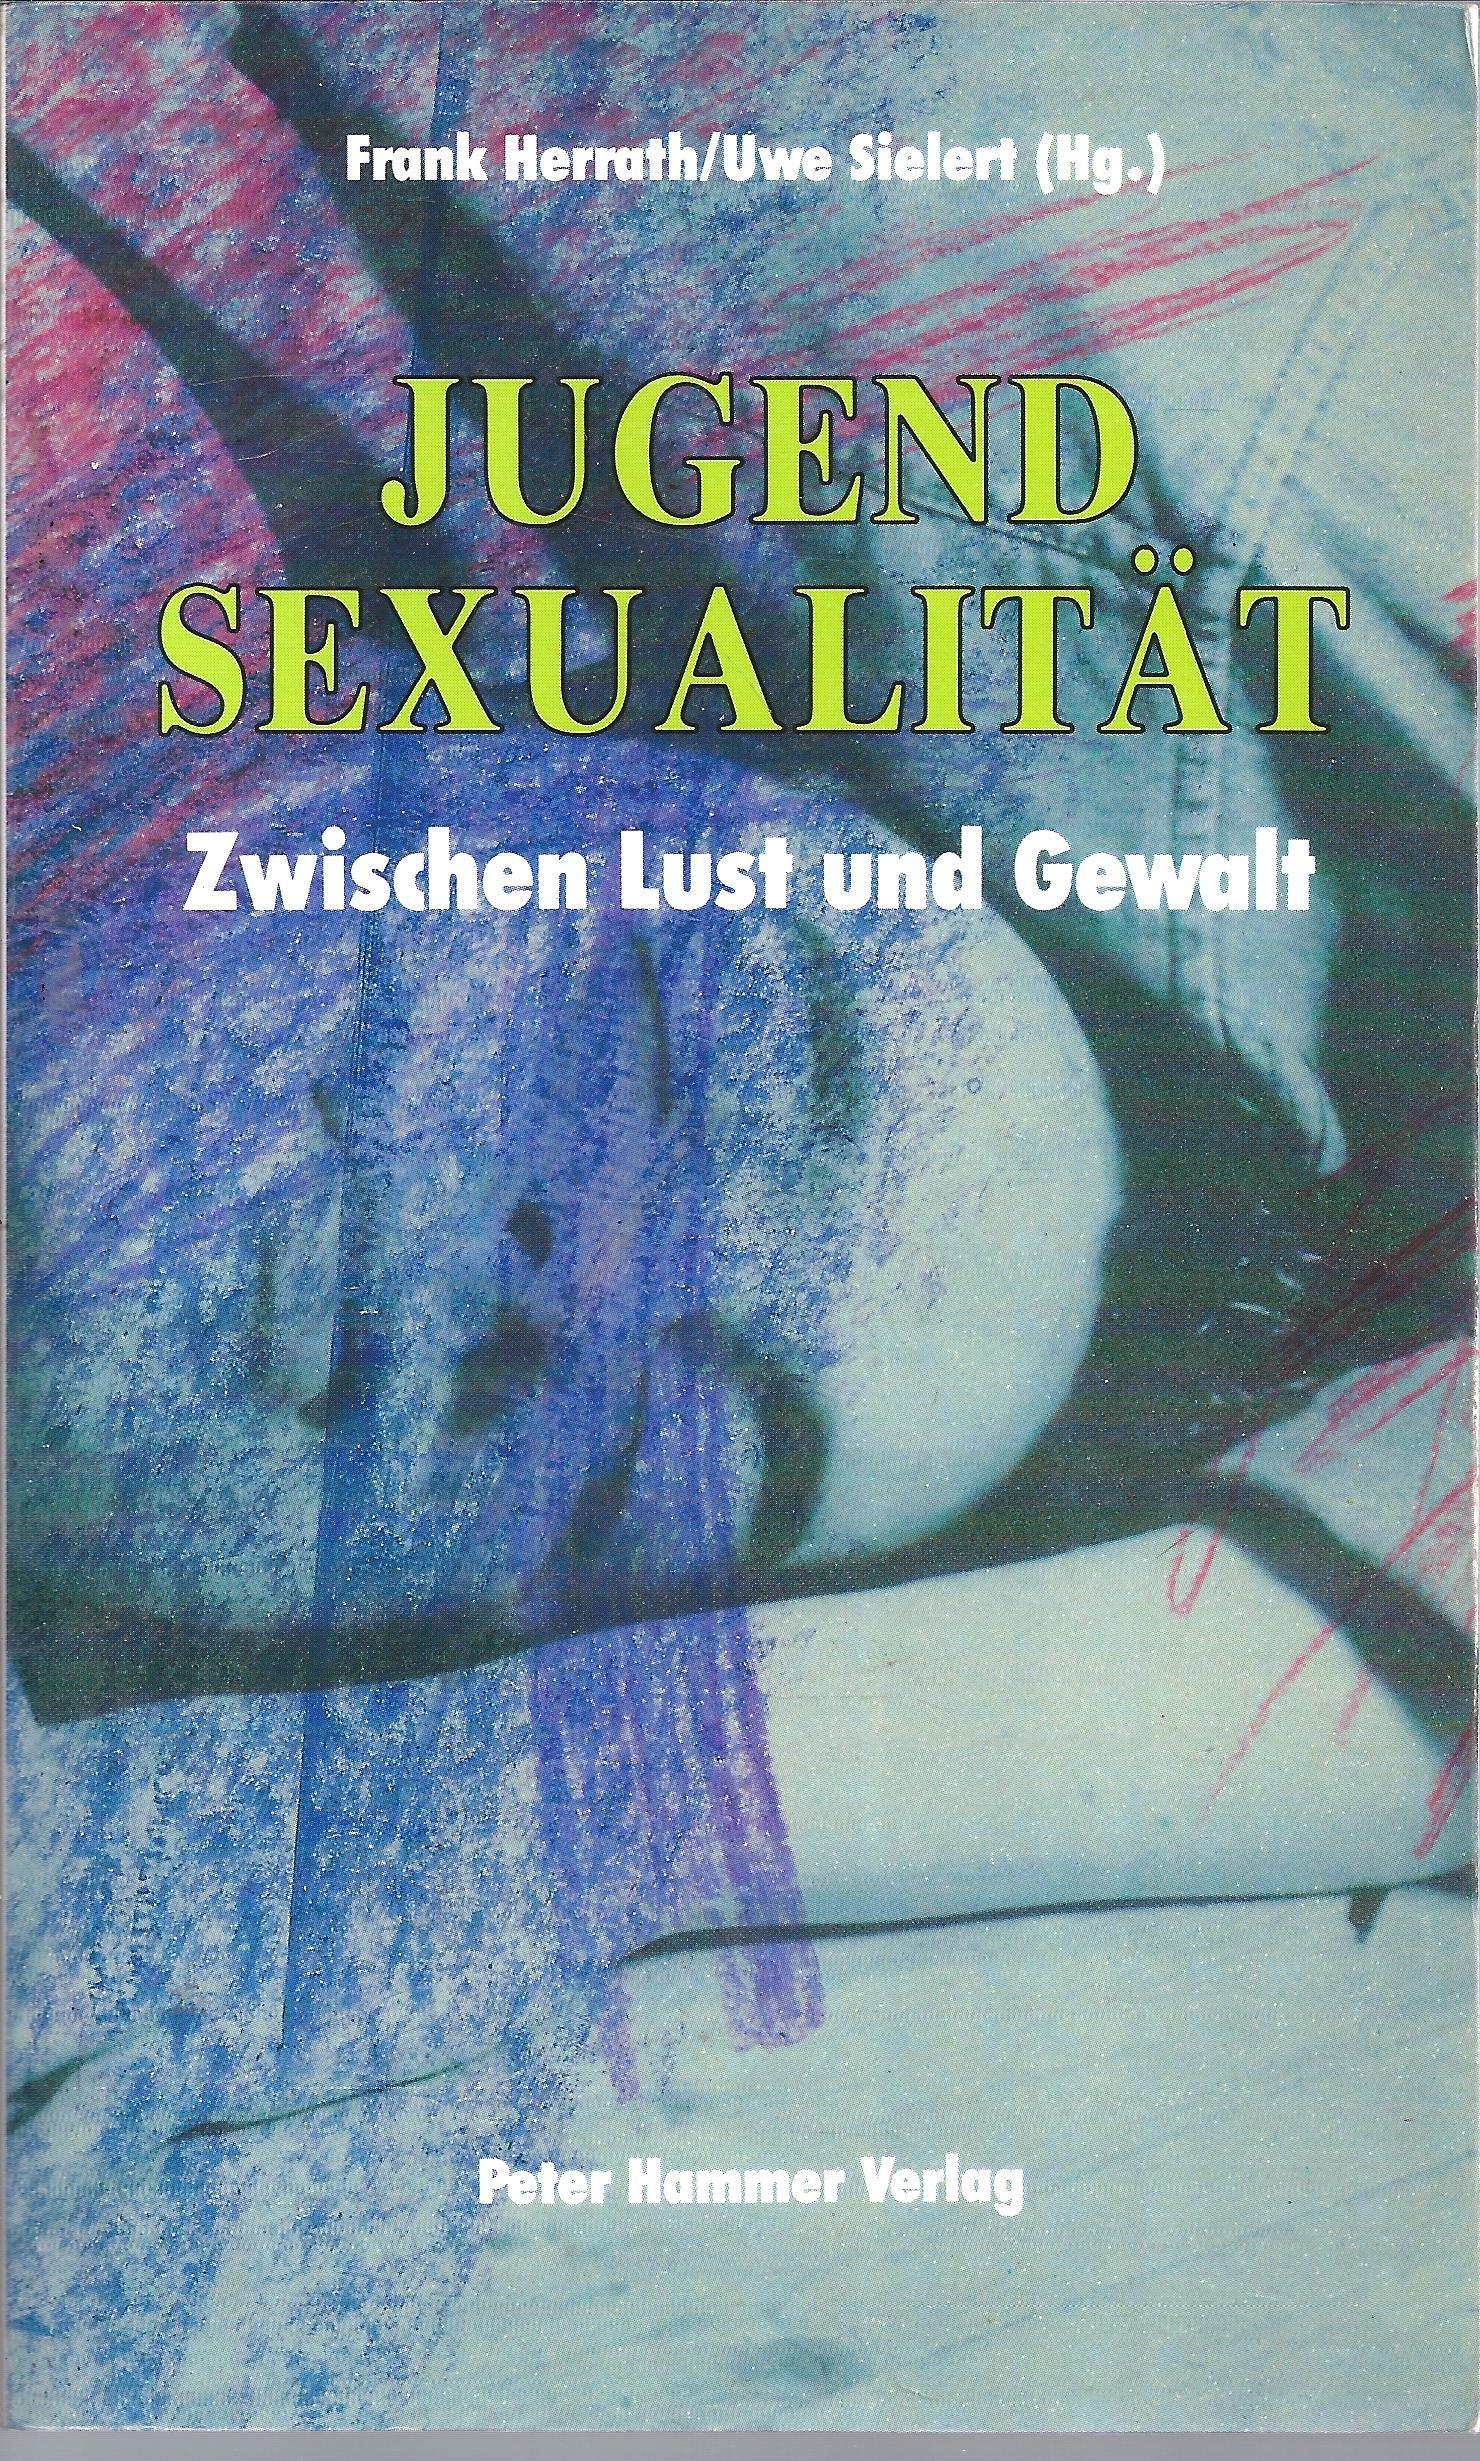 Jugendsexualität. Zwischen Lust und Gewalt